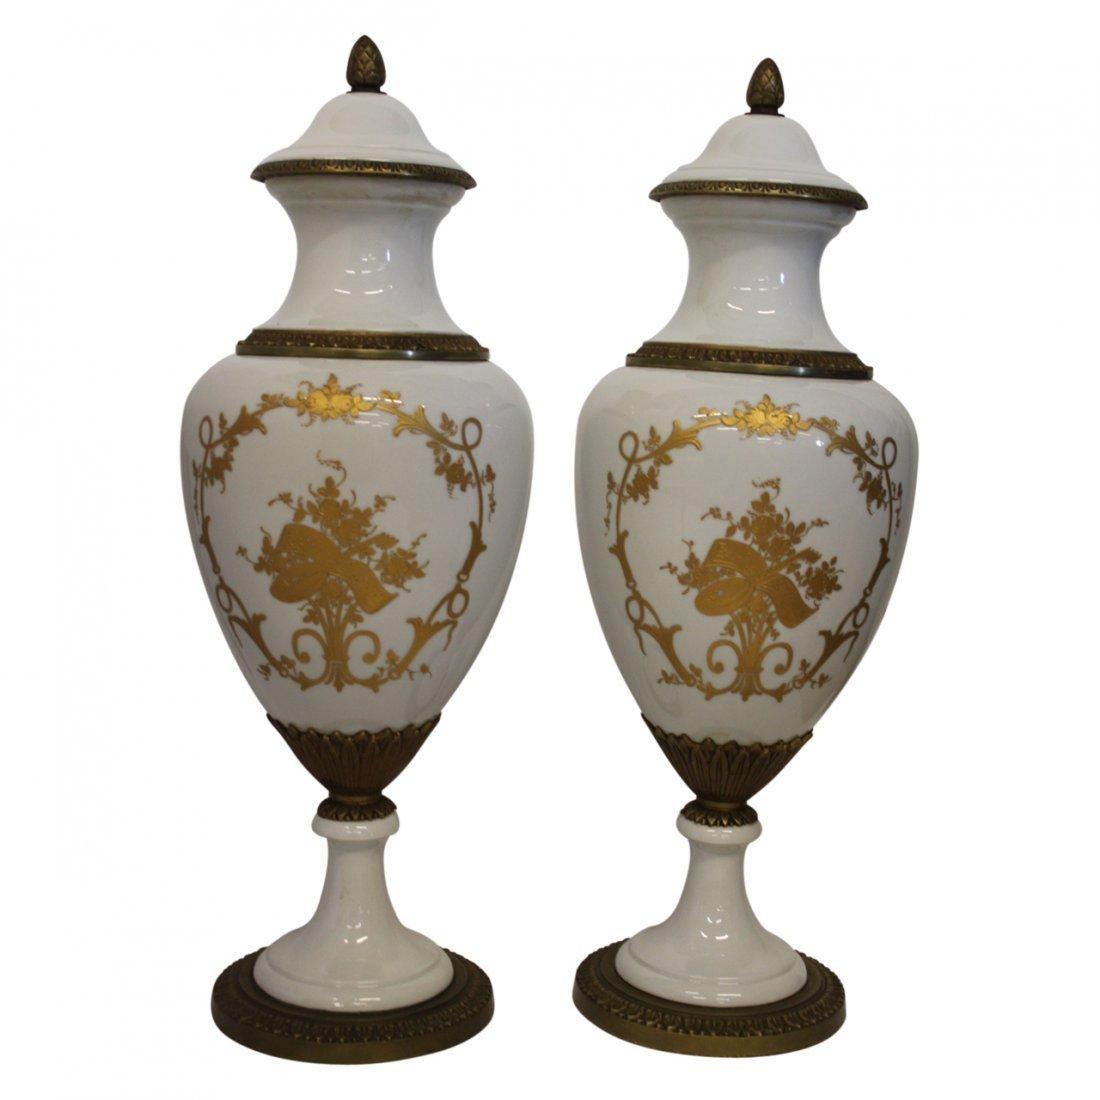 Pair of Large Gilt Metal Porcelain Urns Circa